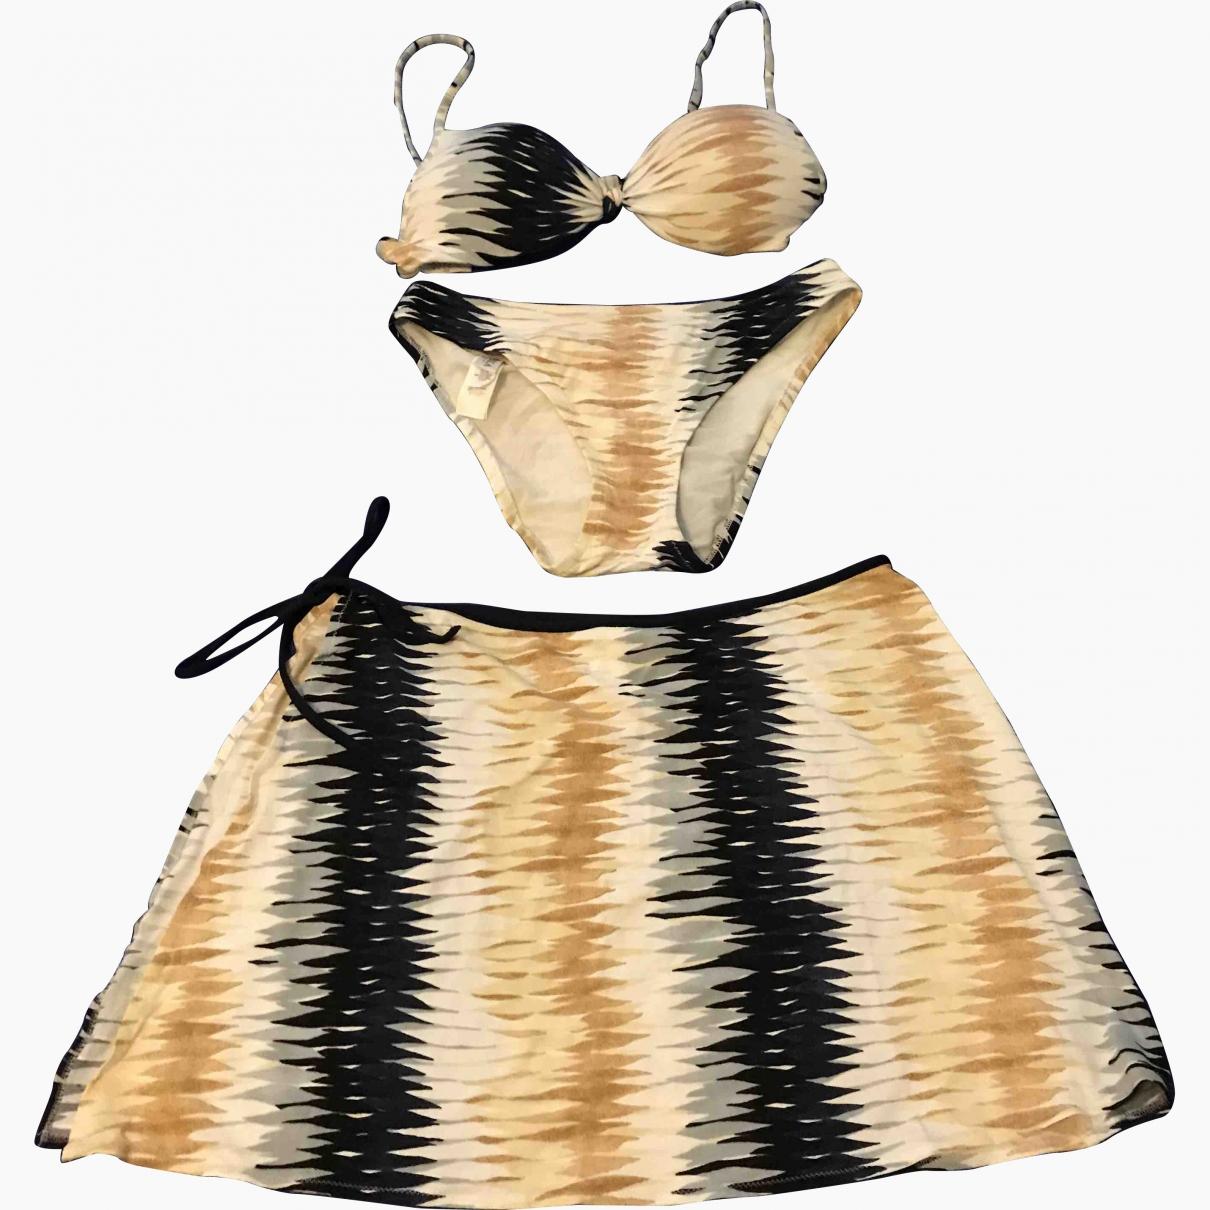 La Perla \N Beige Swimwear for Women \N